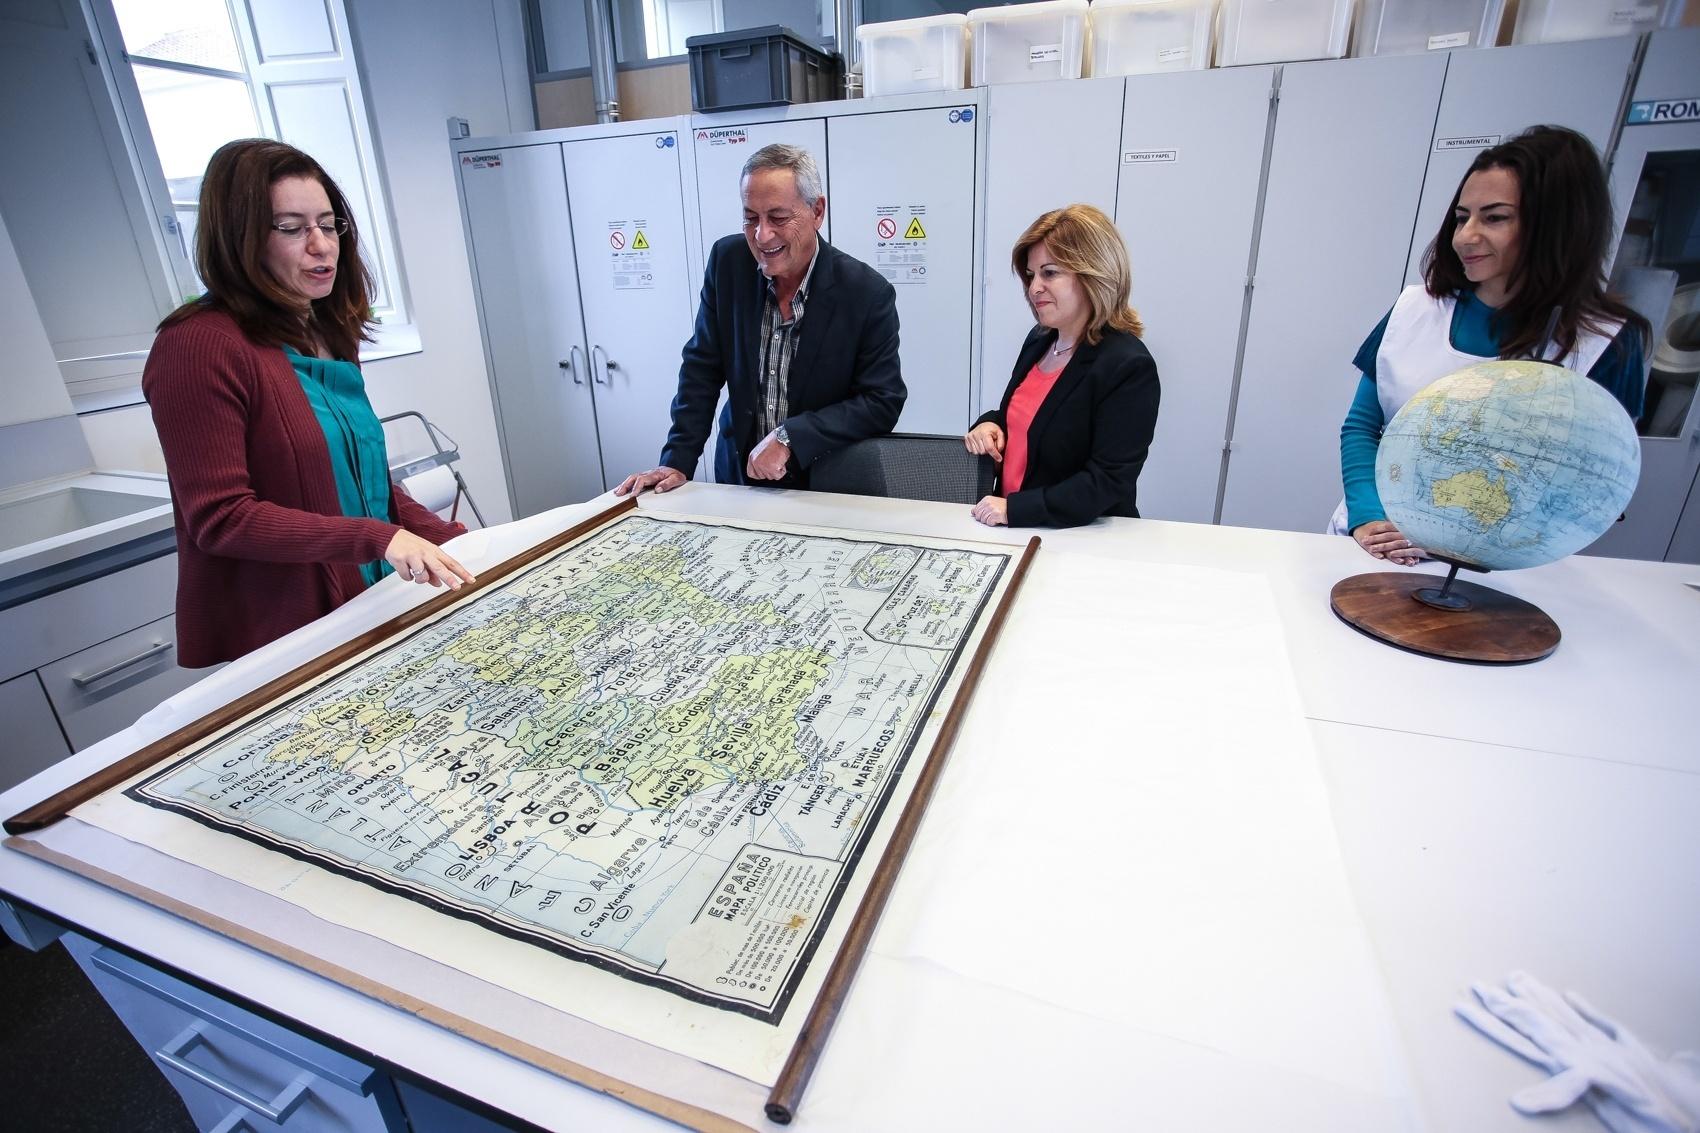 Museos de Tenerife restaura un globo terráqueo y un mapa de España del Espacio Cultural La Vieja Escuela